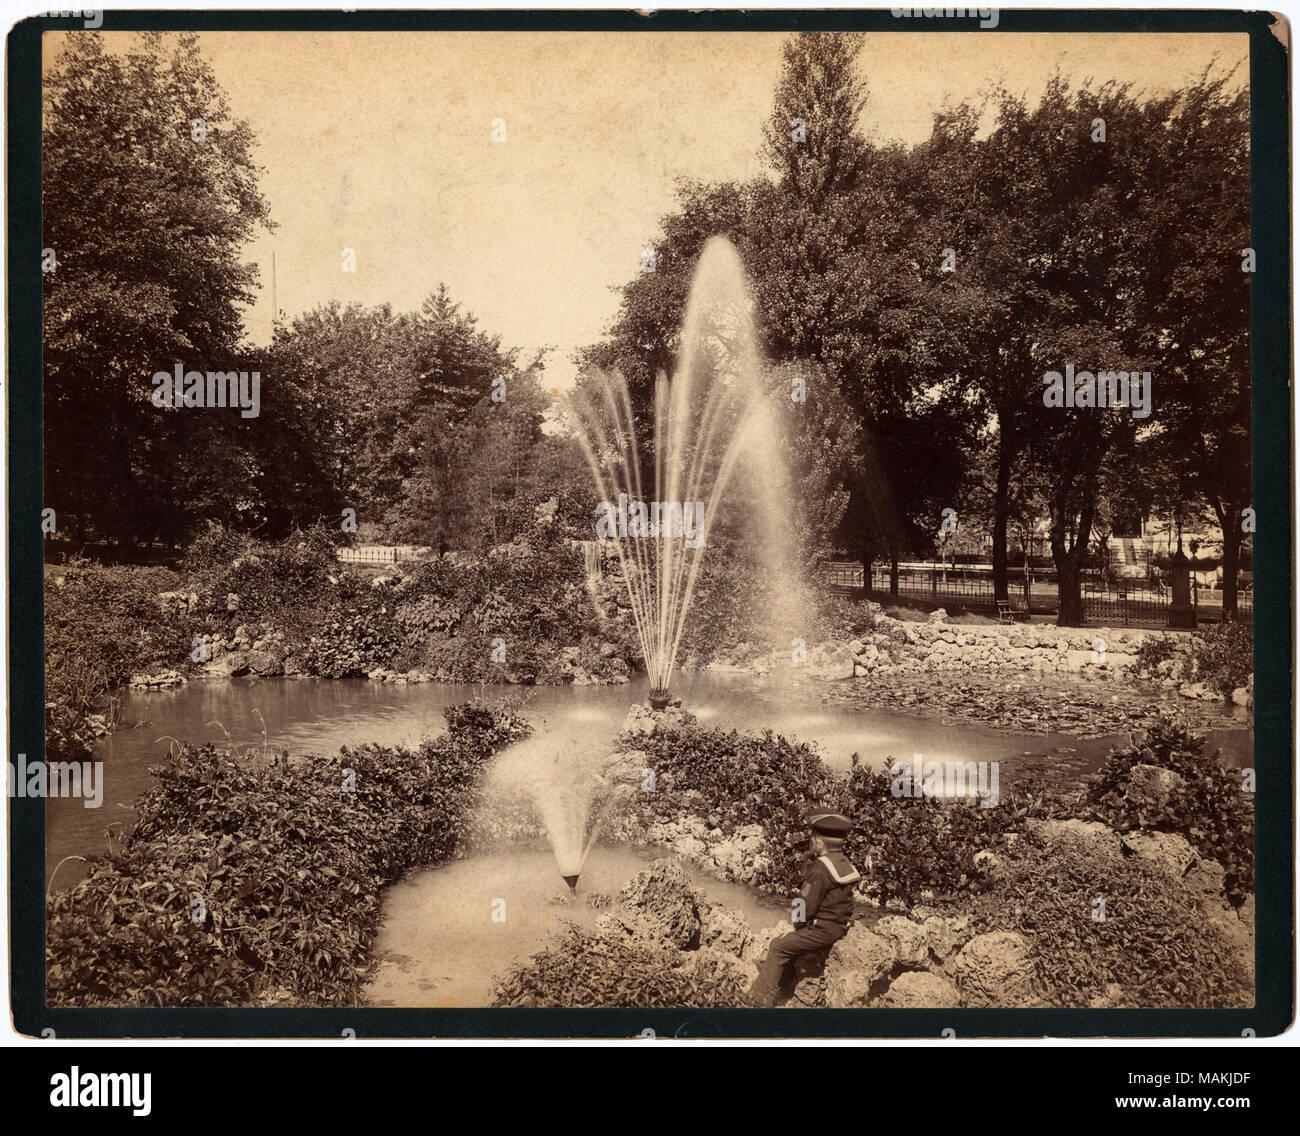 Horizontale, Sepia Foto, Der Steingarten Im Lafayette Park. Steine Und Laub  An Den